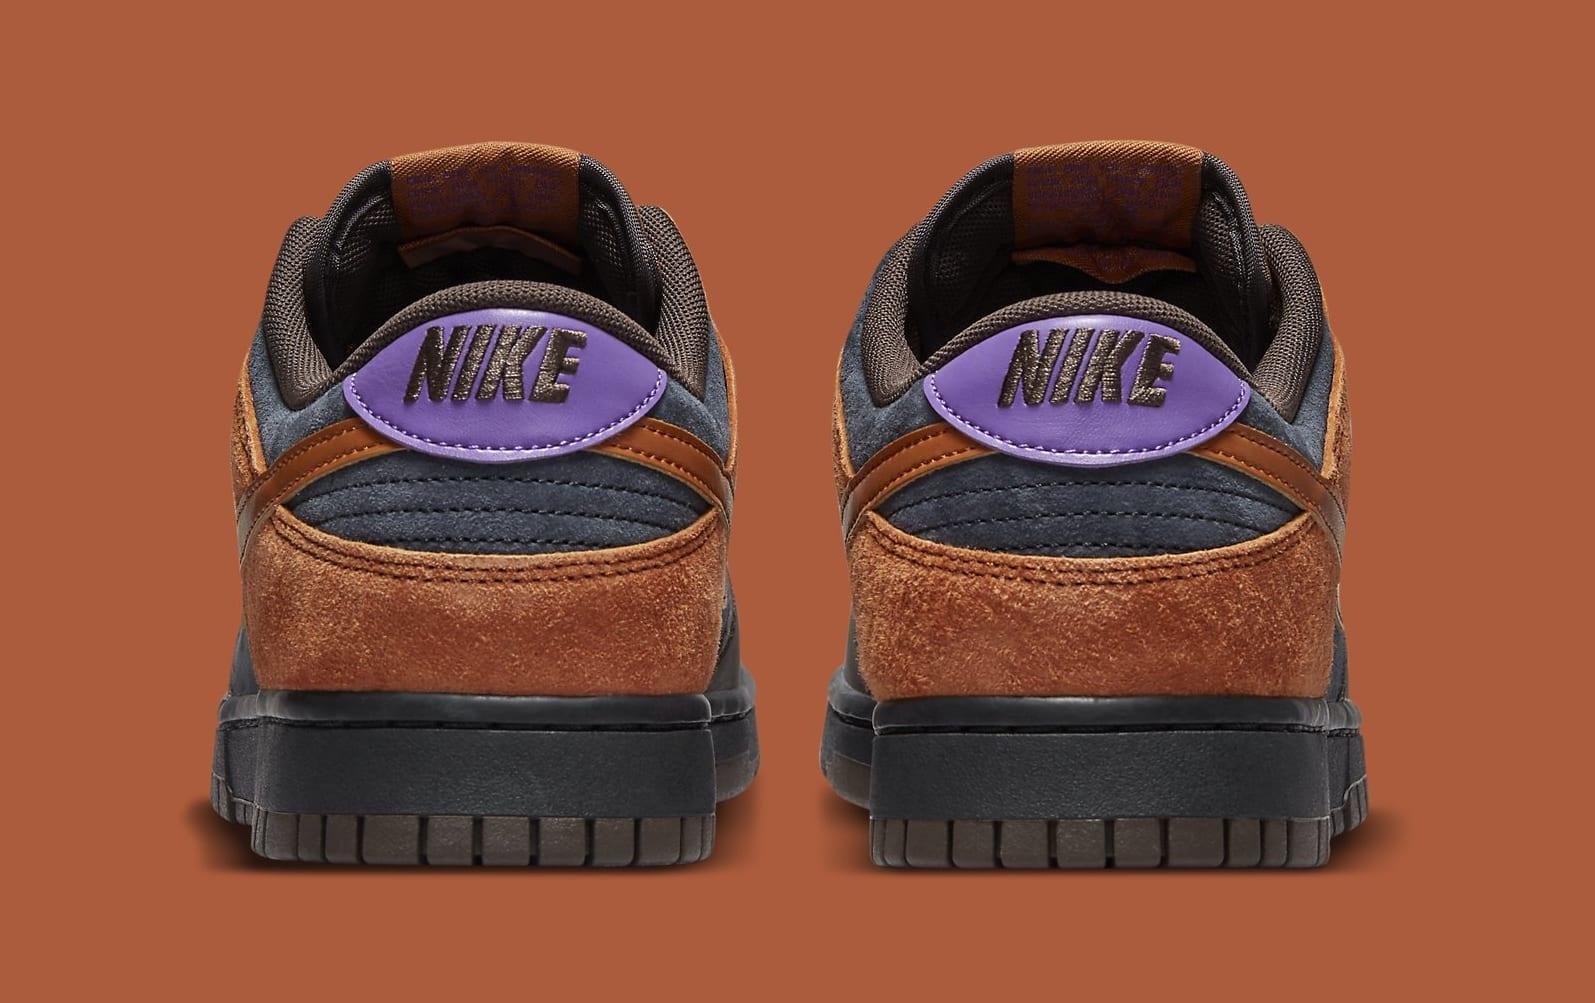 Nike Dunk Low PRM 'Cider' DH0601-001 Heel